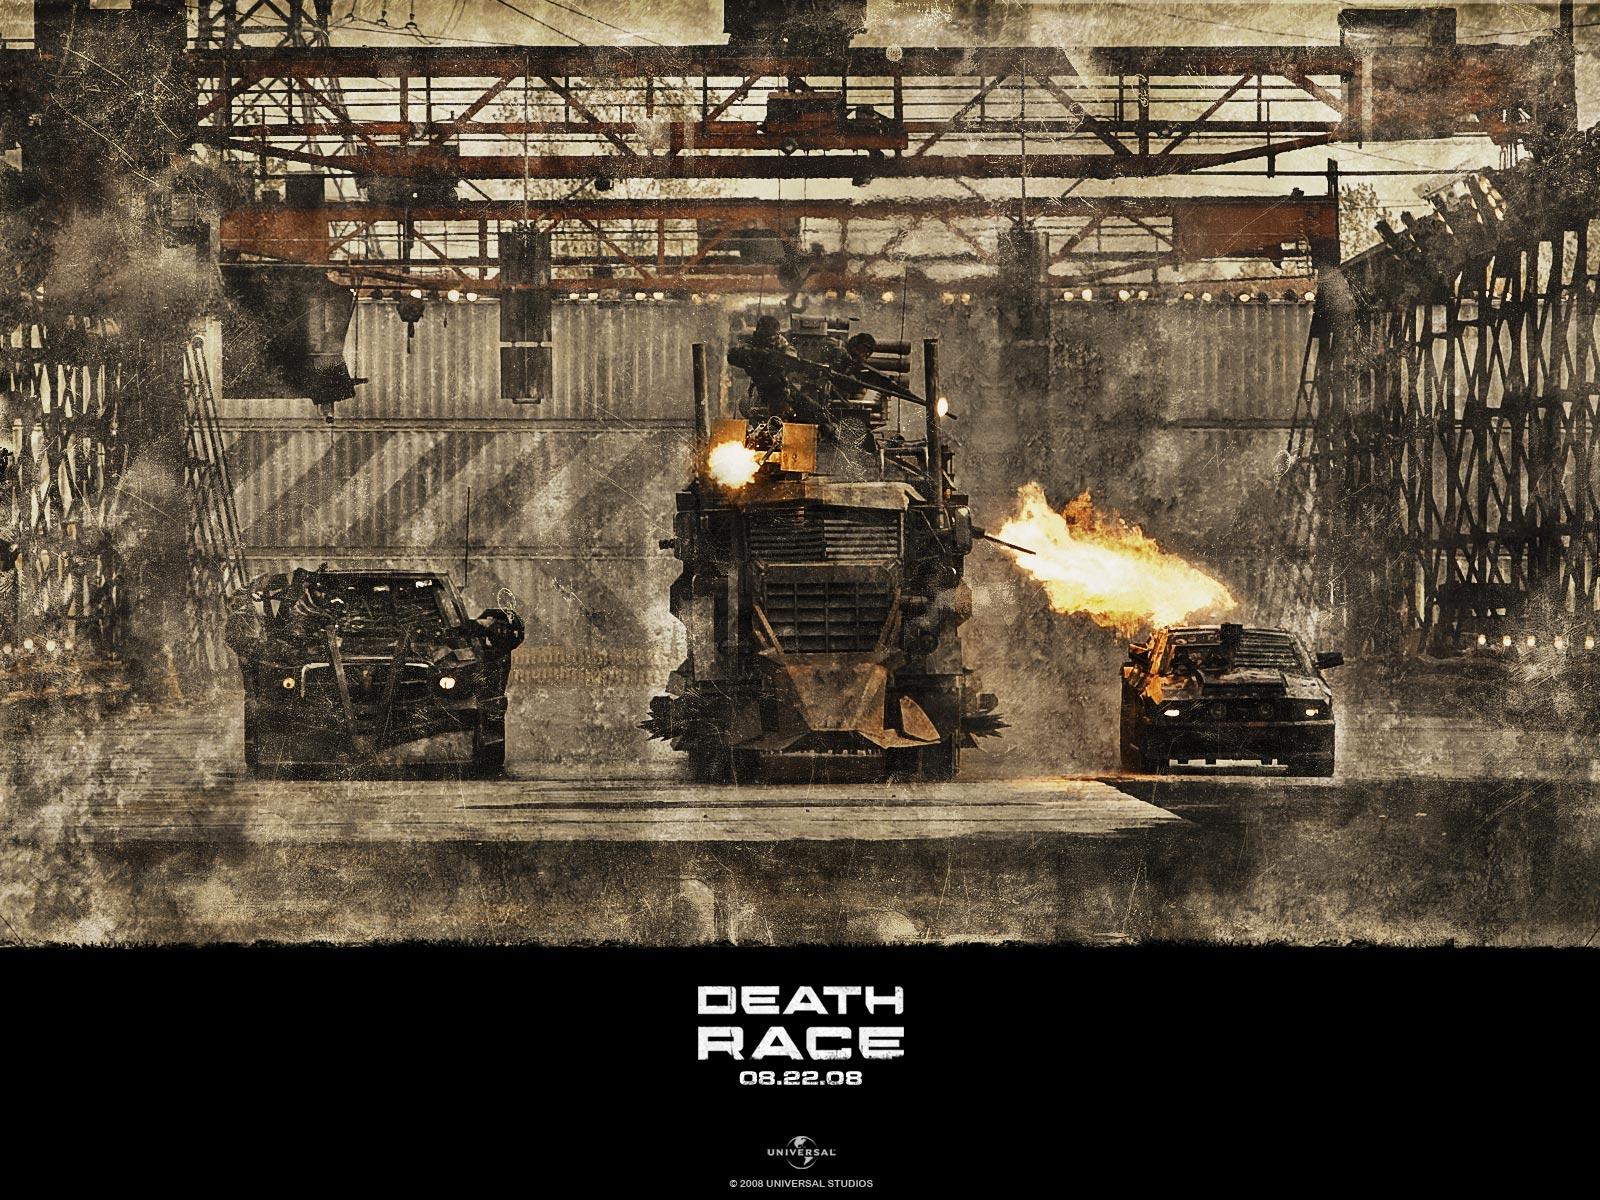 Dead race movie